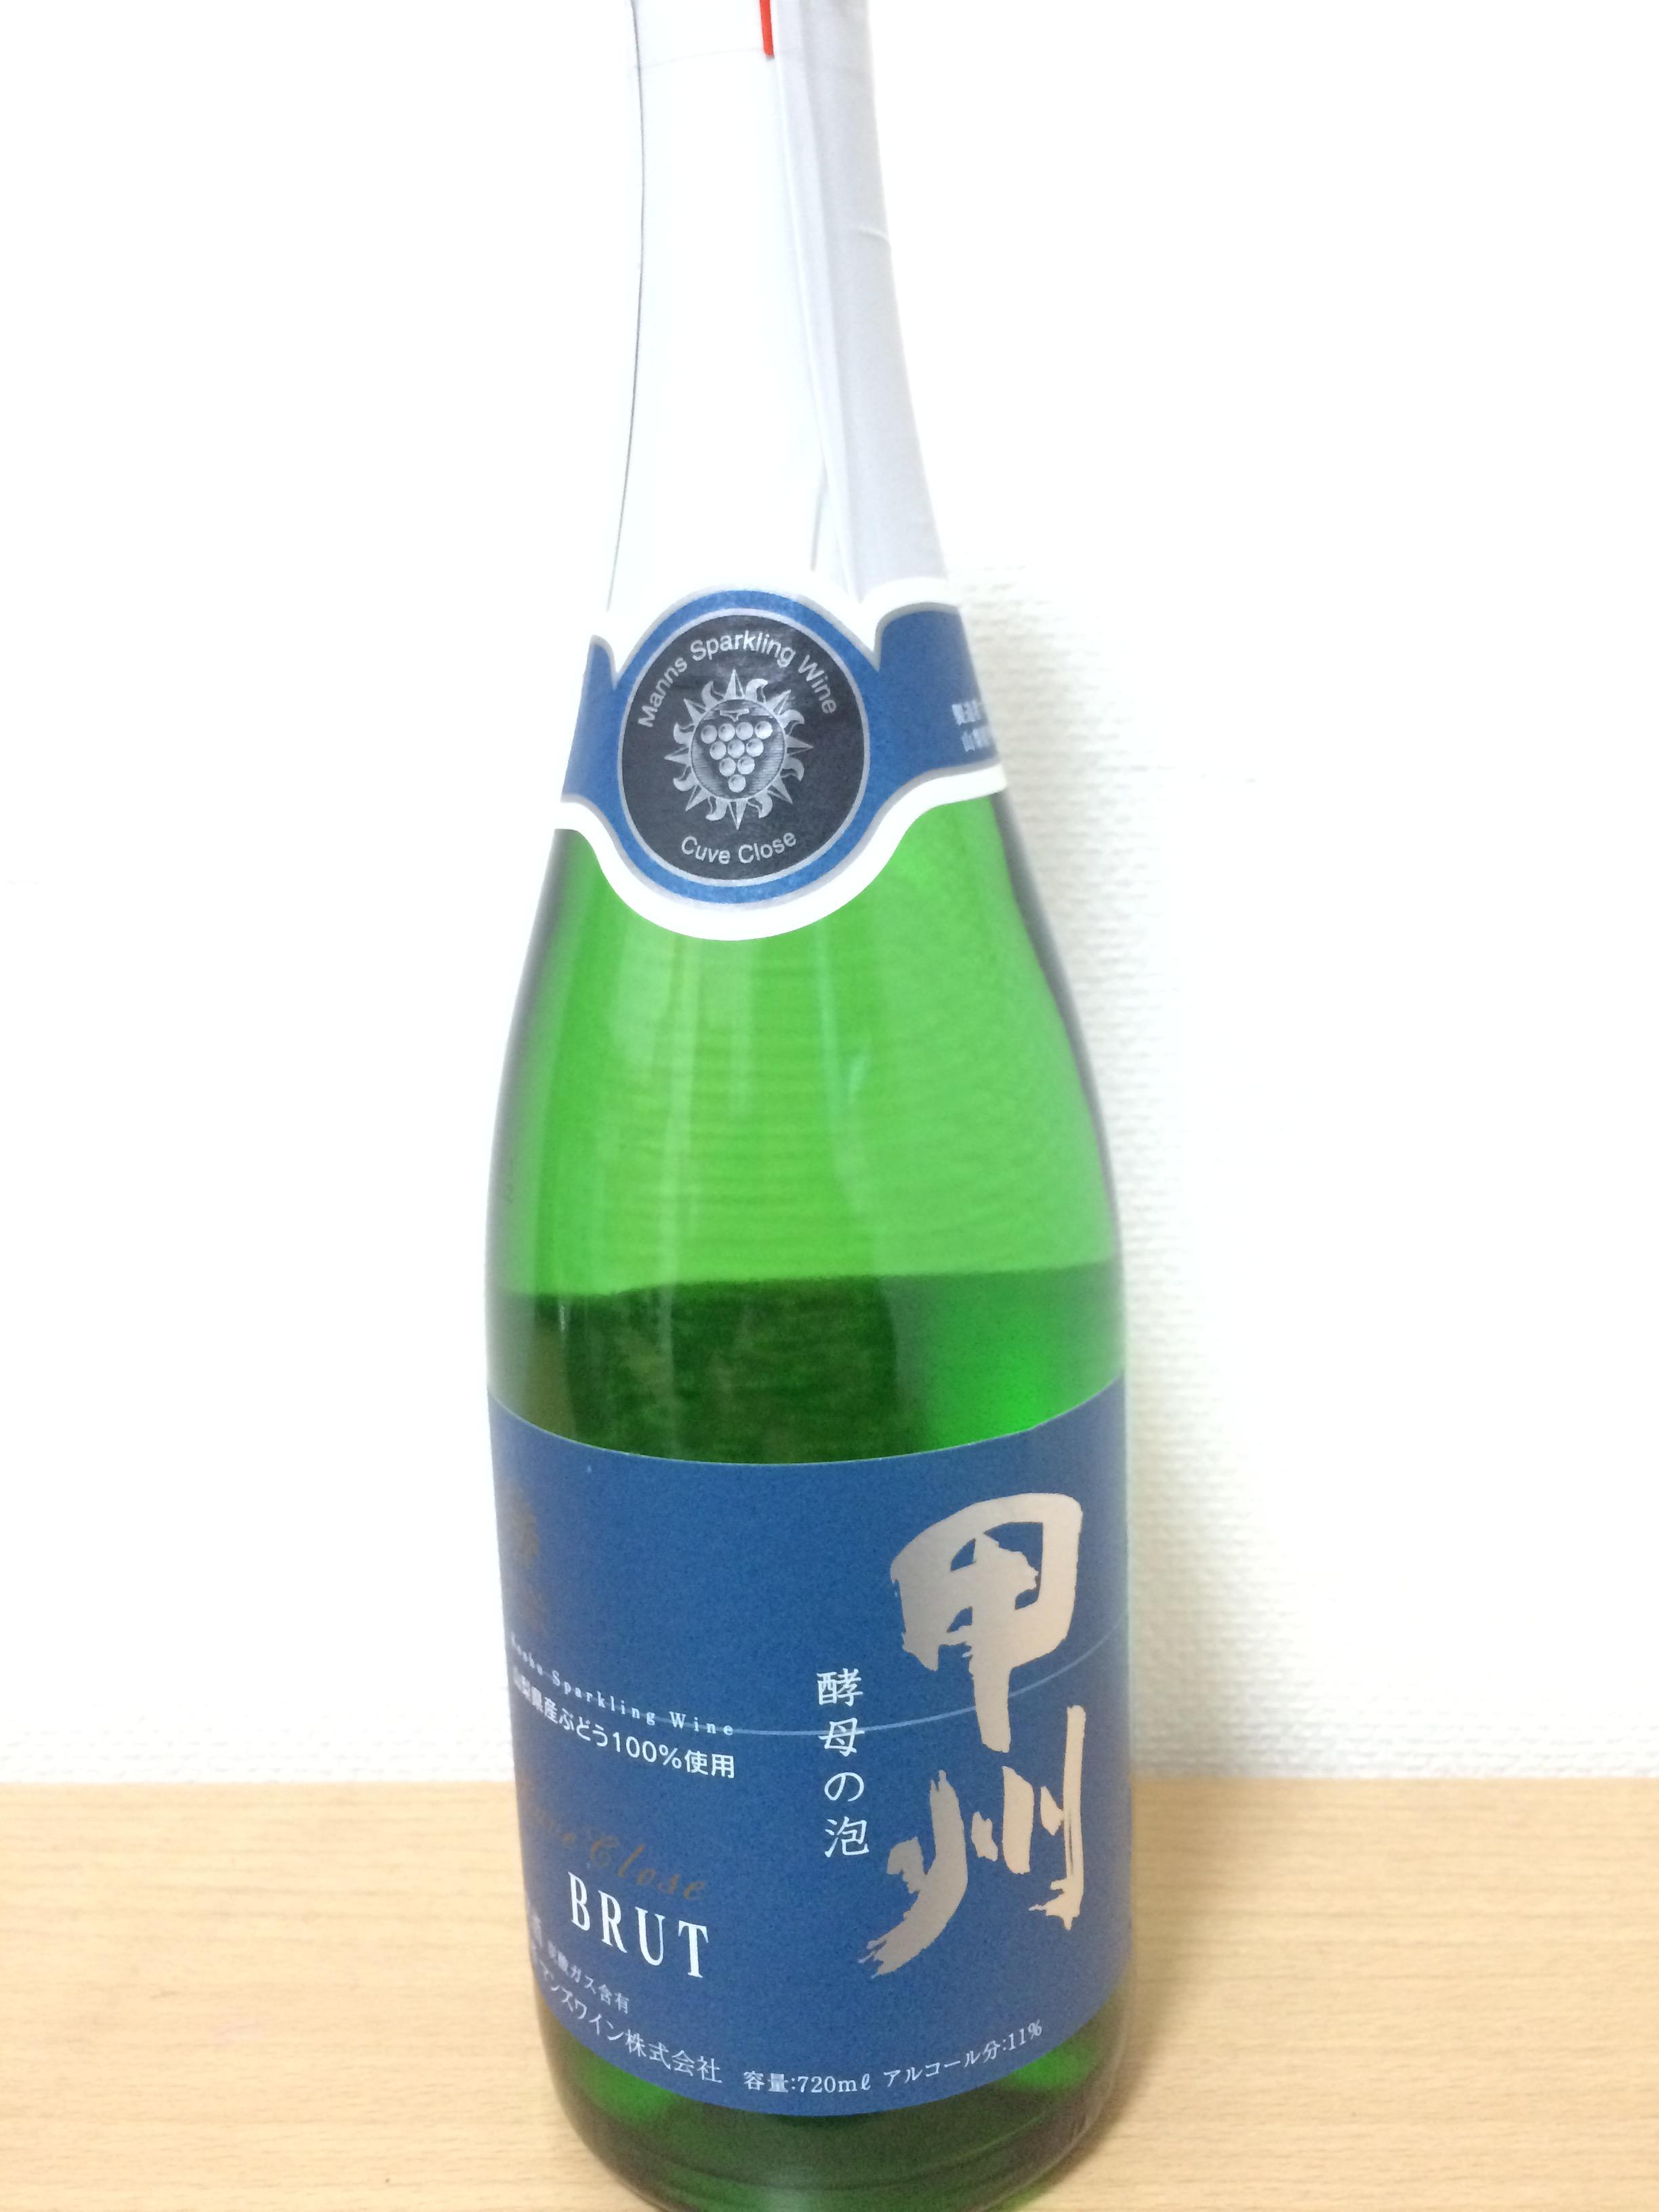 マンズ スパークリングワイン「甲州 酵母の泡ブリュット」瓶表